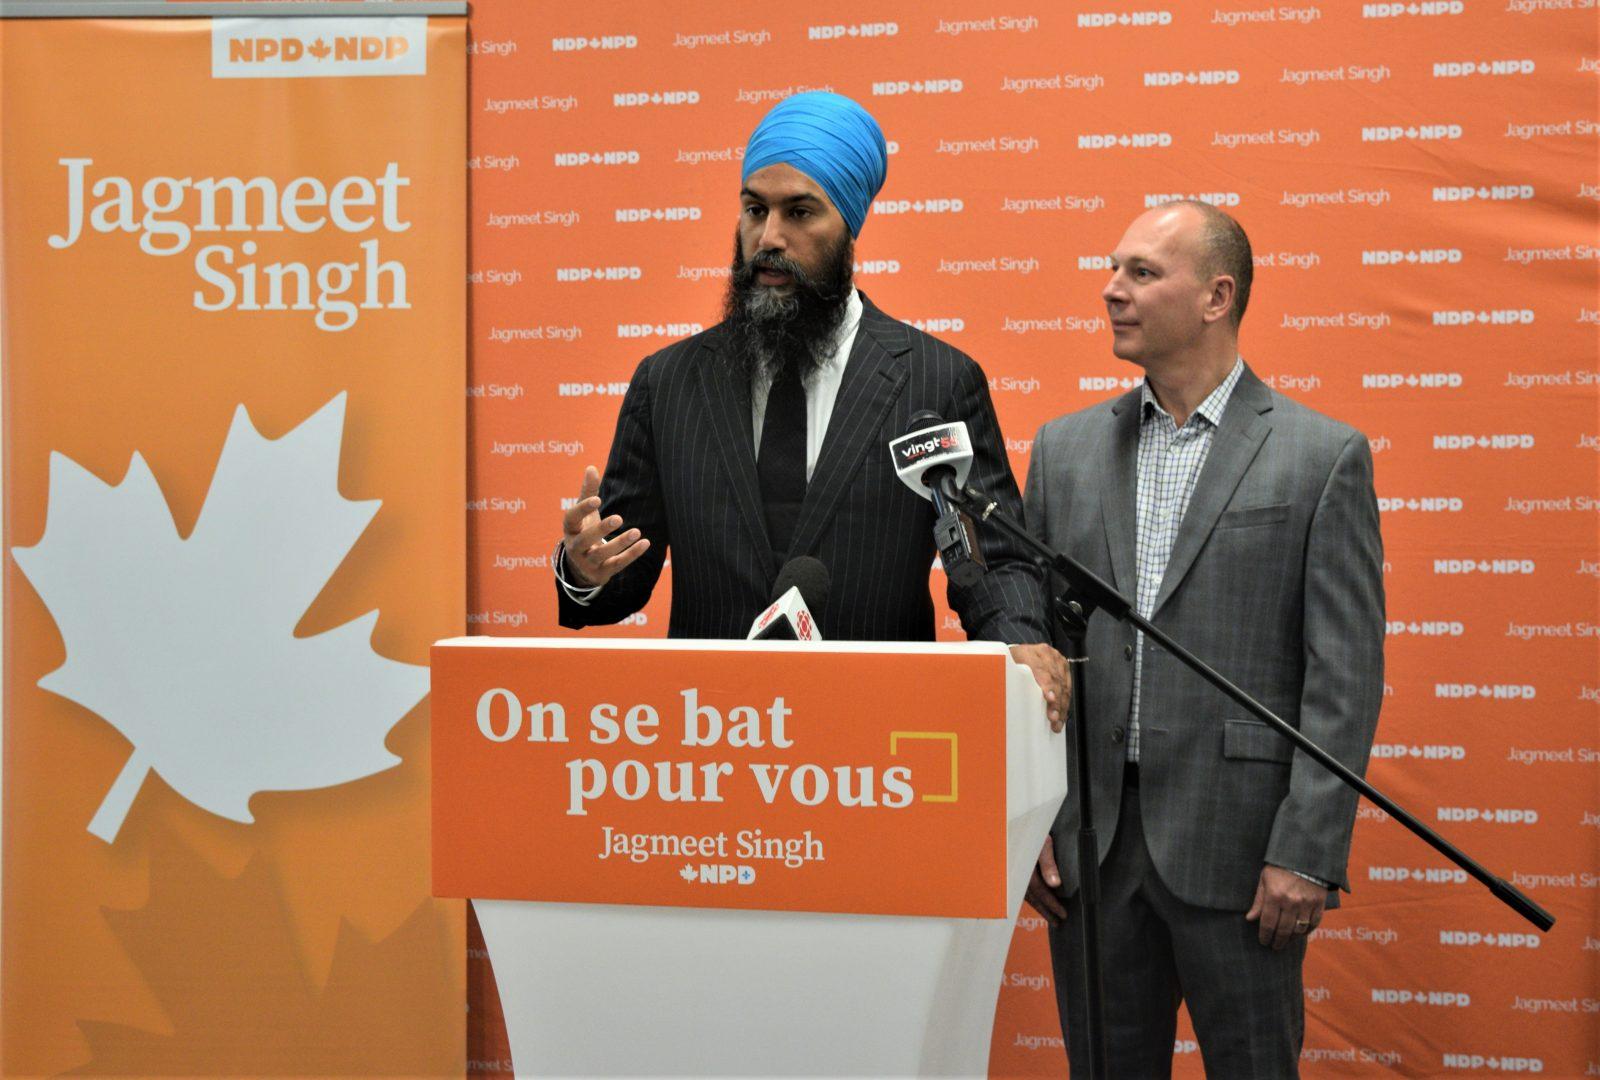 Jagmeet Singh promet 73M$ pour la francisation des immigrants au Québec